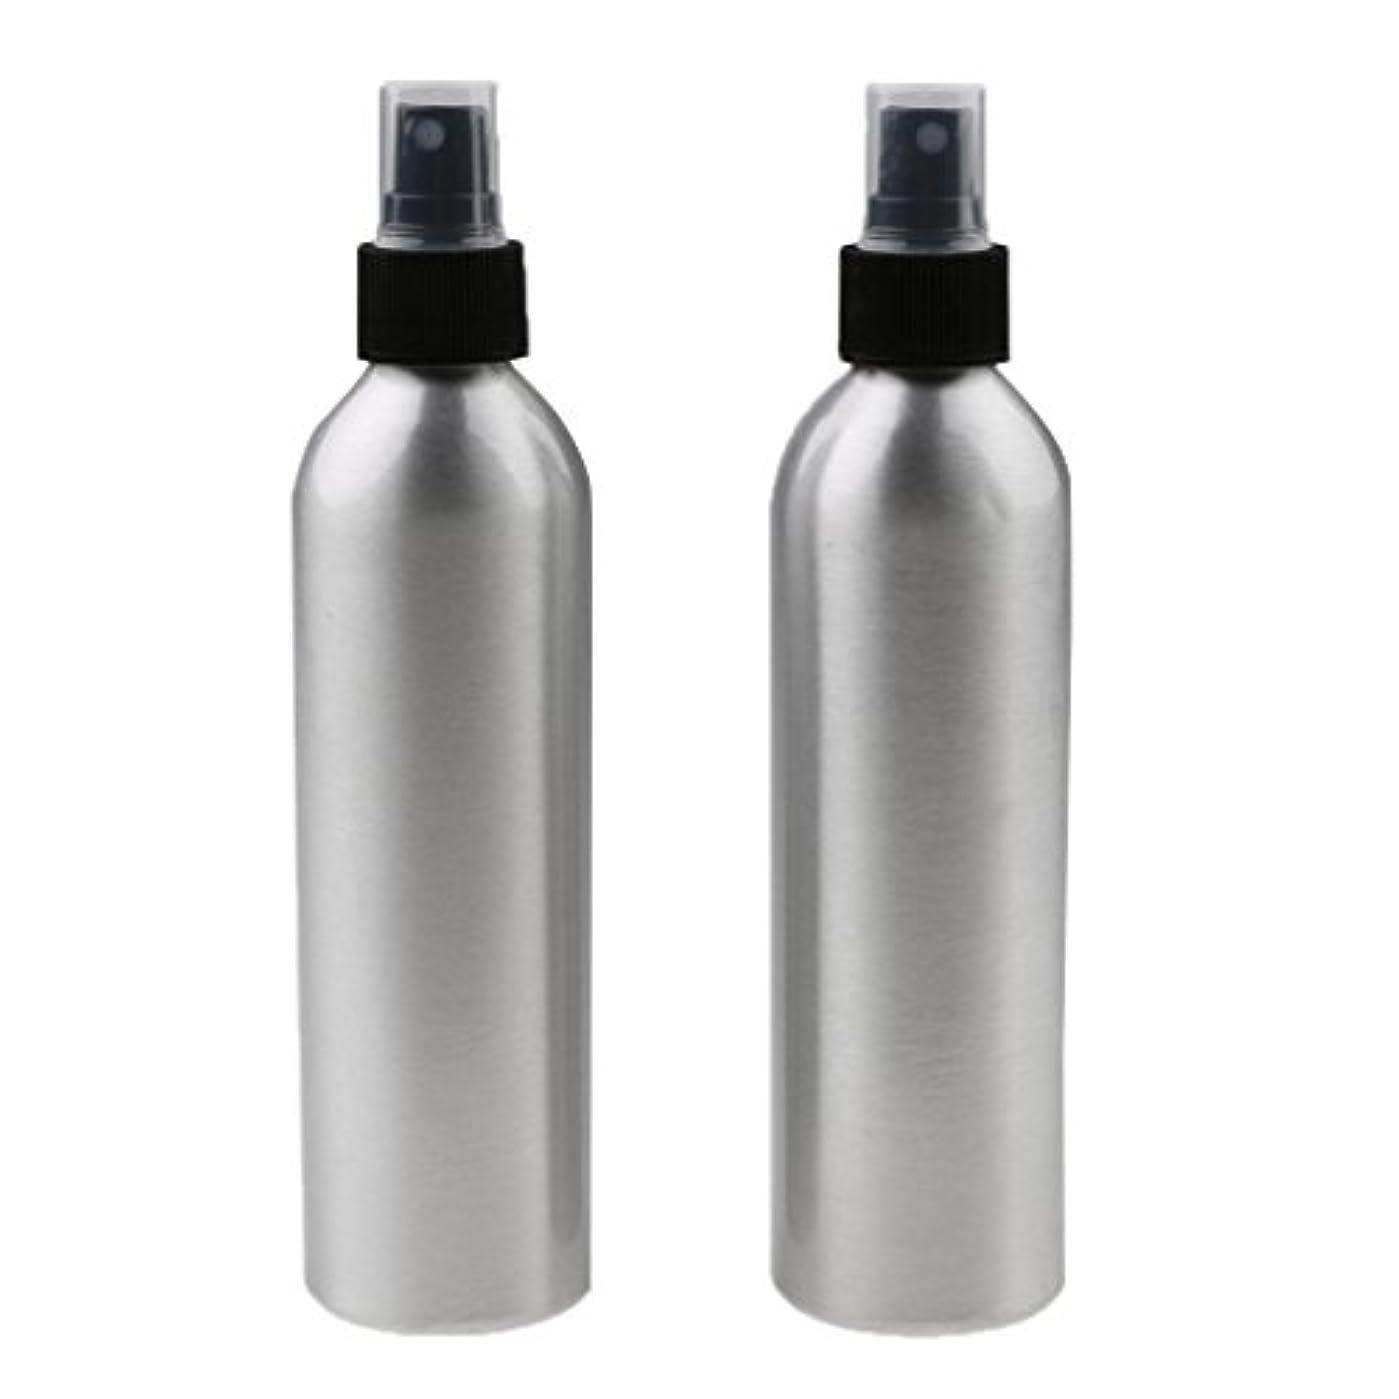 真似る接続されたジョットディボンドンKesoto 2個入り 旅行 アルミ ミスト スプレー 香水ボトル メイクアップ スプレー アトマイザー 女性用 美容 小物 軽量 持ち運び便利 全4サイズ - 100ml